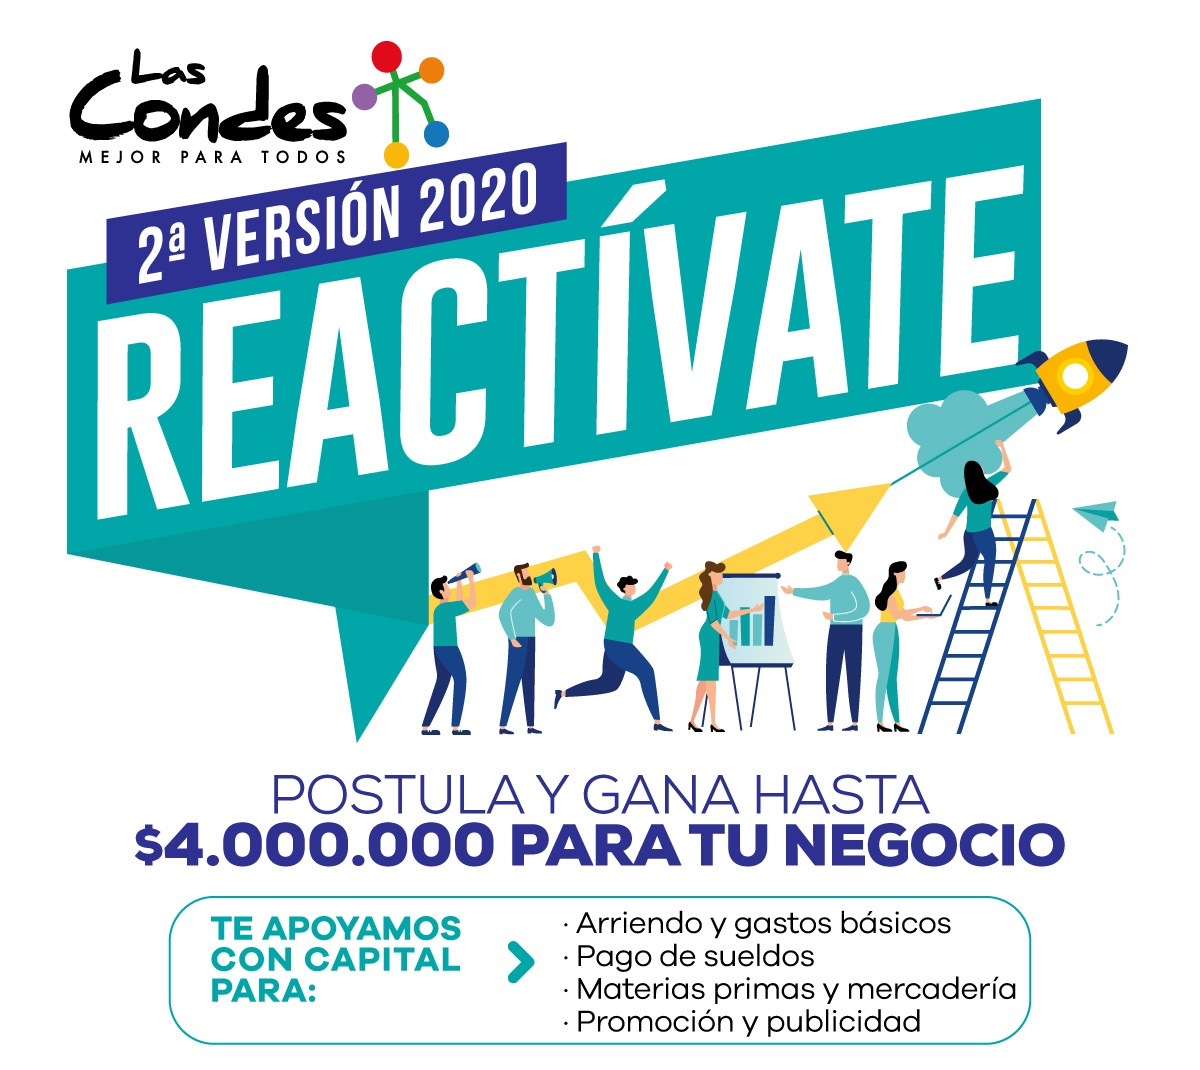 Reactívate, 2da versión 2020